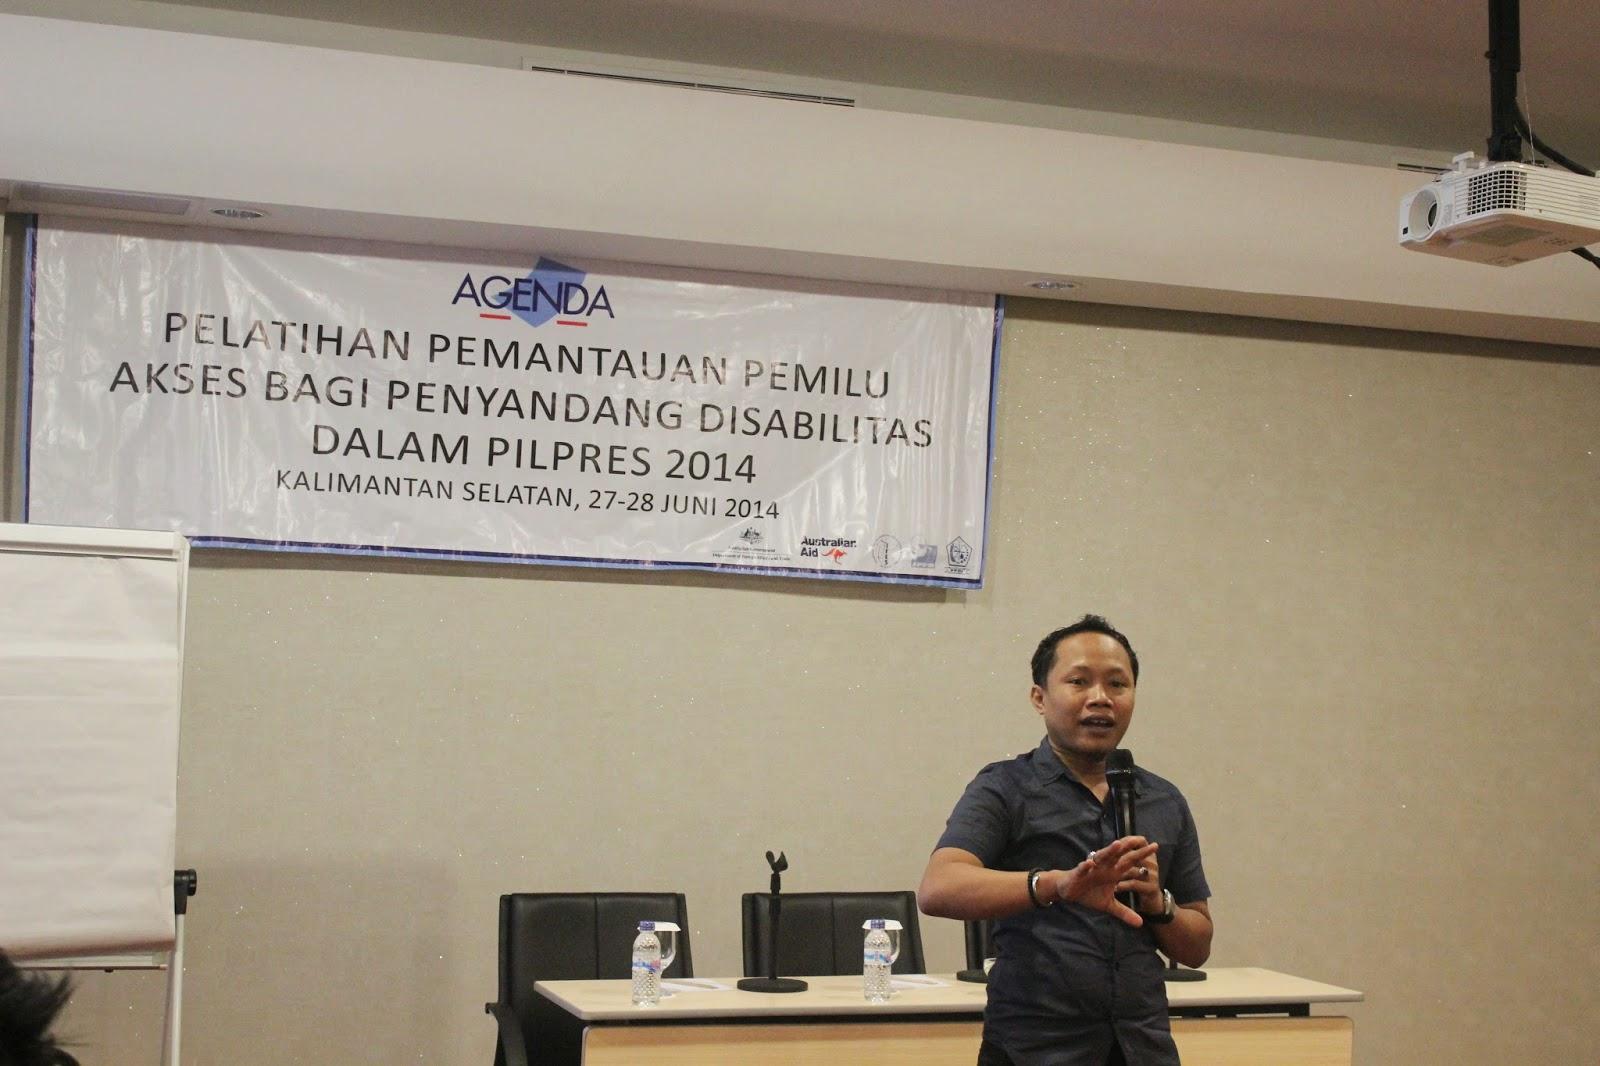 JPPR Trainer at Observer Workshop South Kalimantan 27-28 June 2014